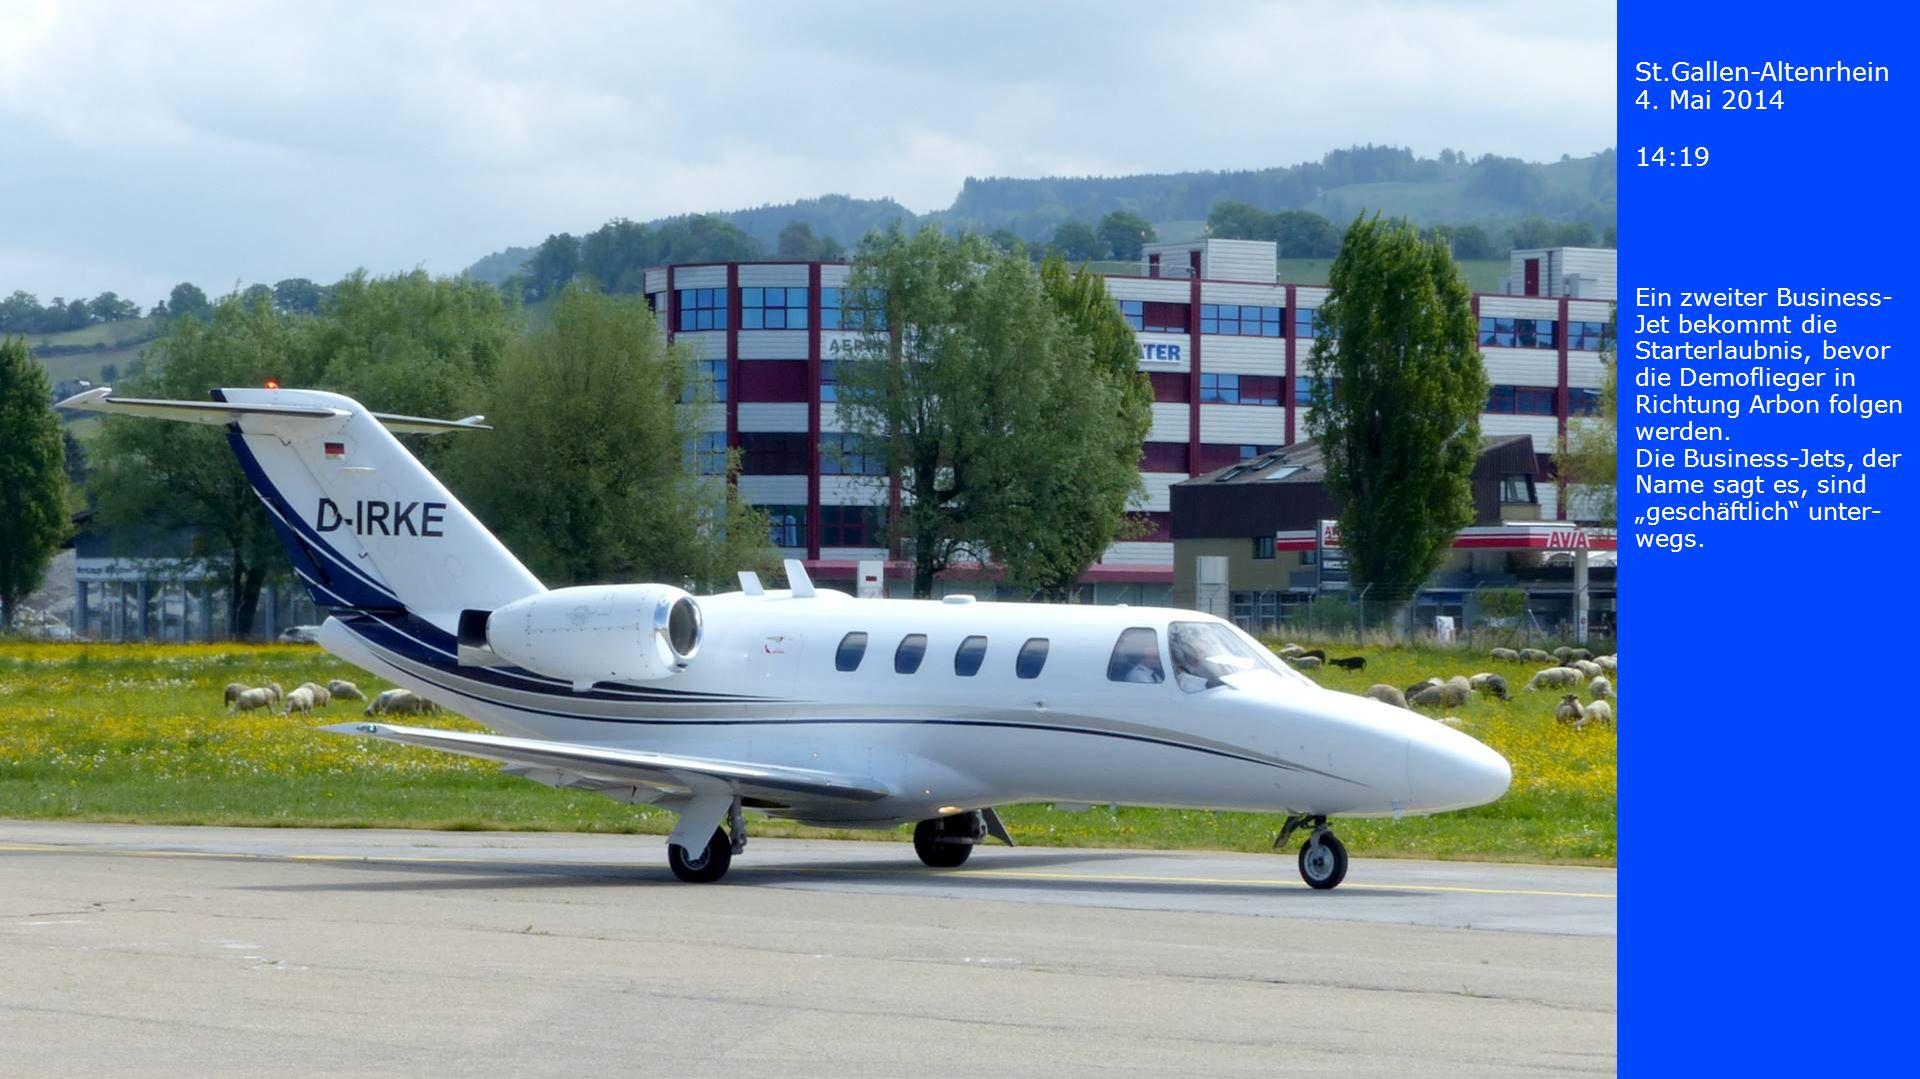 St.Gallen-Altenrhein 4. Mai 2014 14:19 Ein zweiter Business- Jet bekommt die Starterlaubnis, bevor die Demoflieger in Richtung Arbon folgen werden. Di